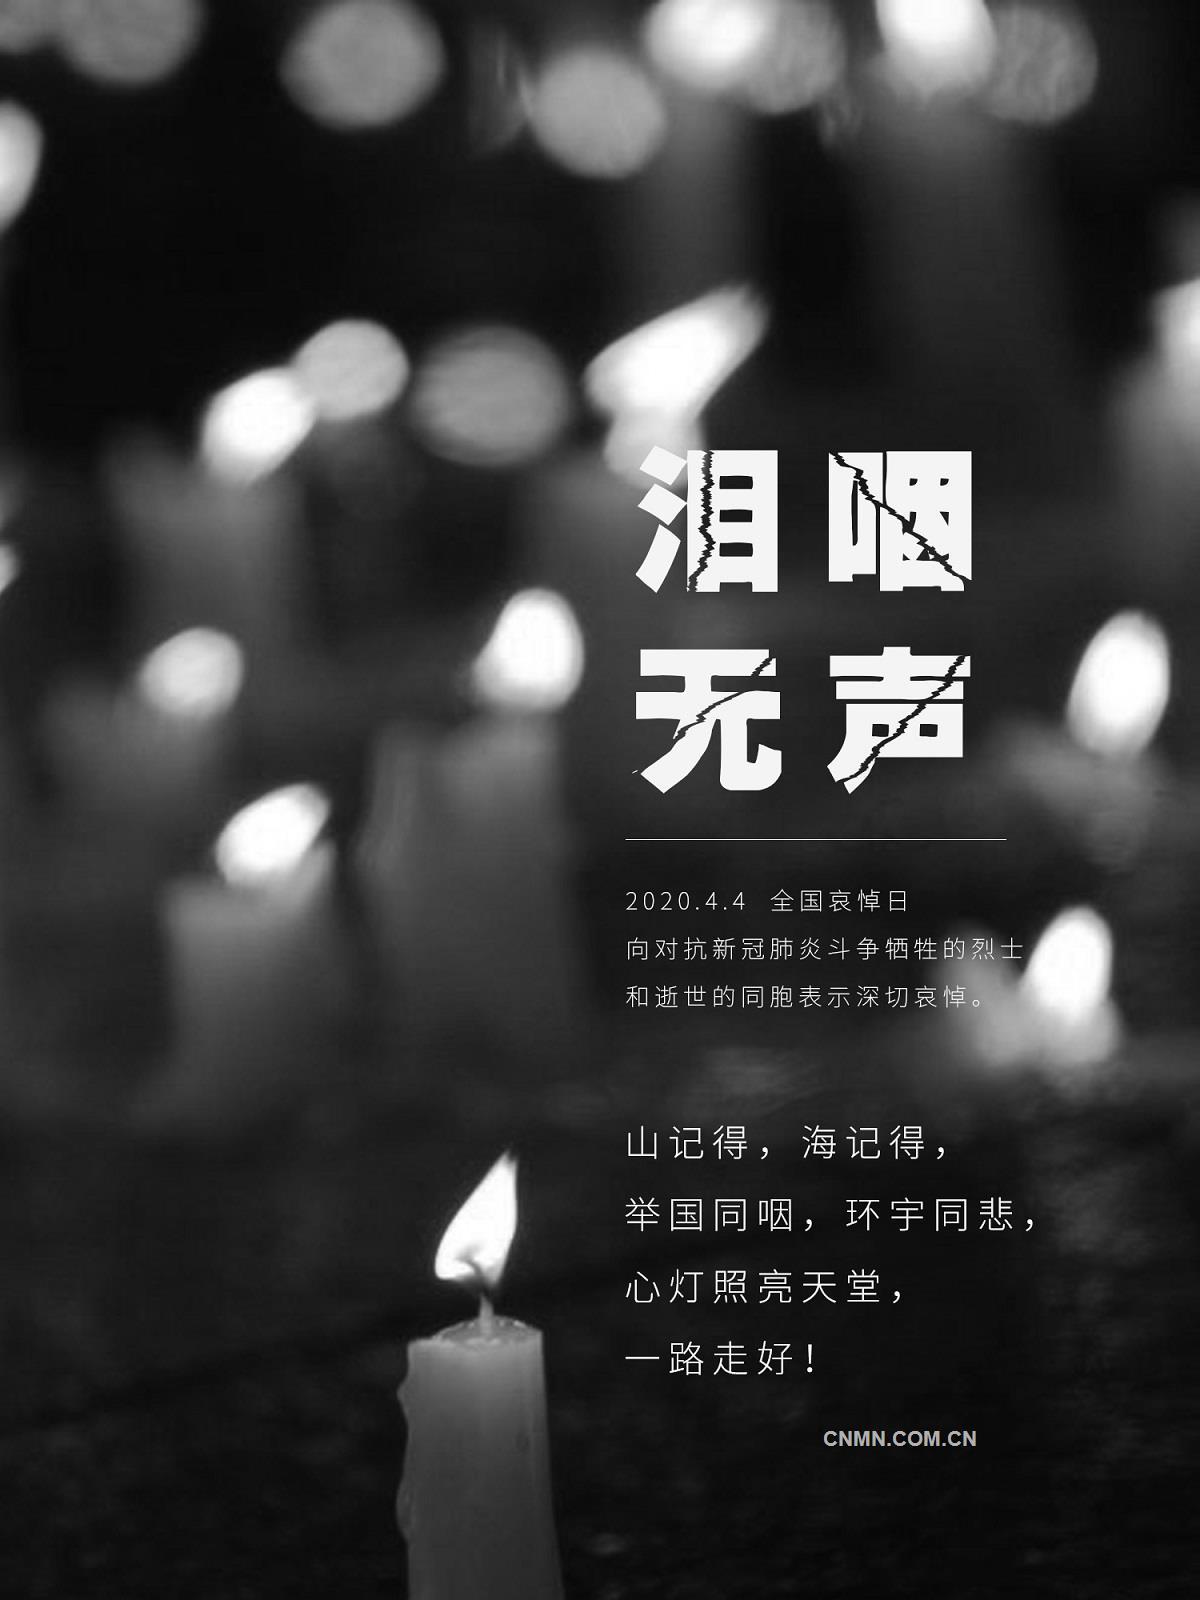 深切哀悼抗击新冠肺炎疫情斗争牺牲烈士和逝世同胞